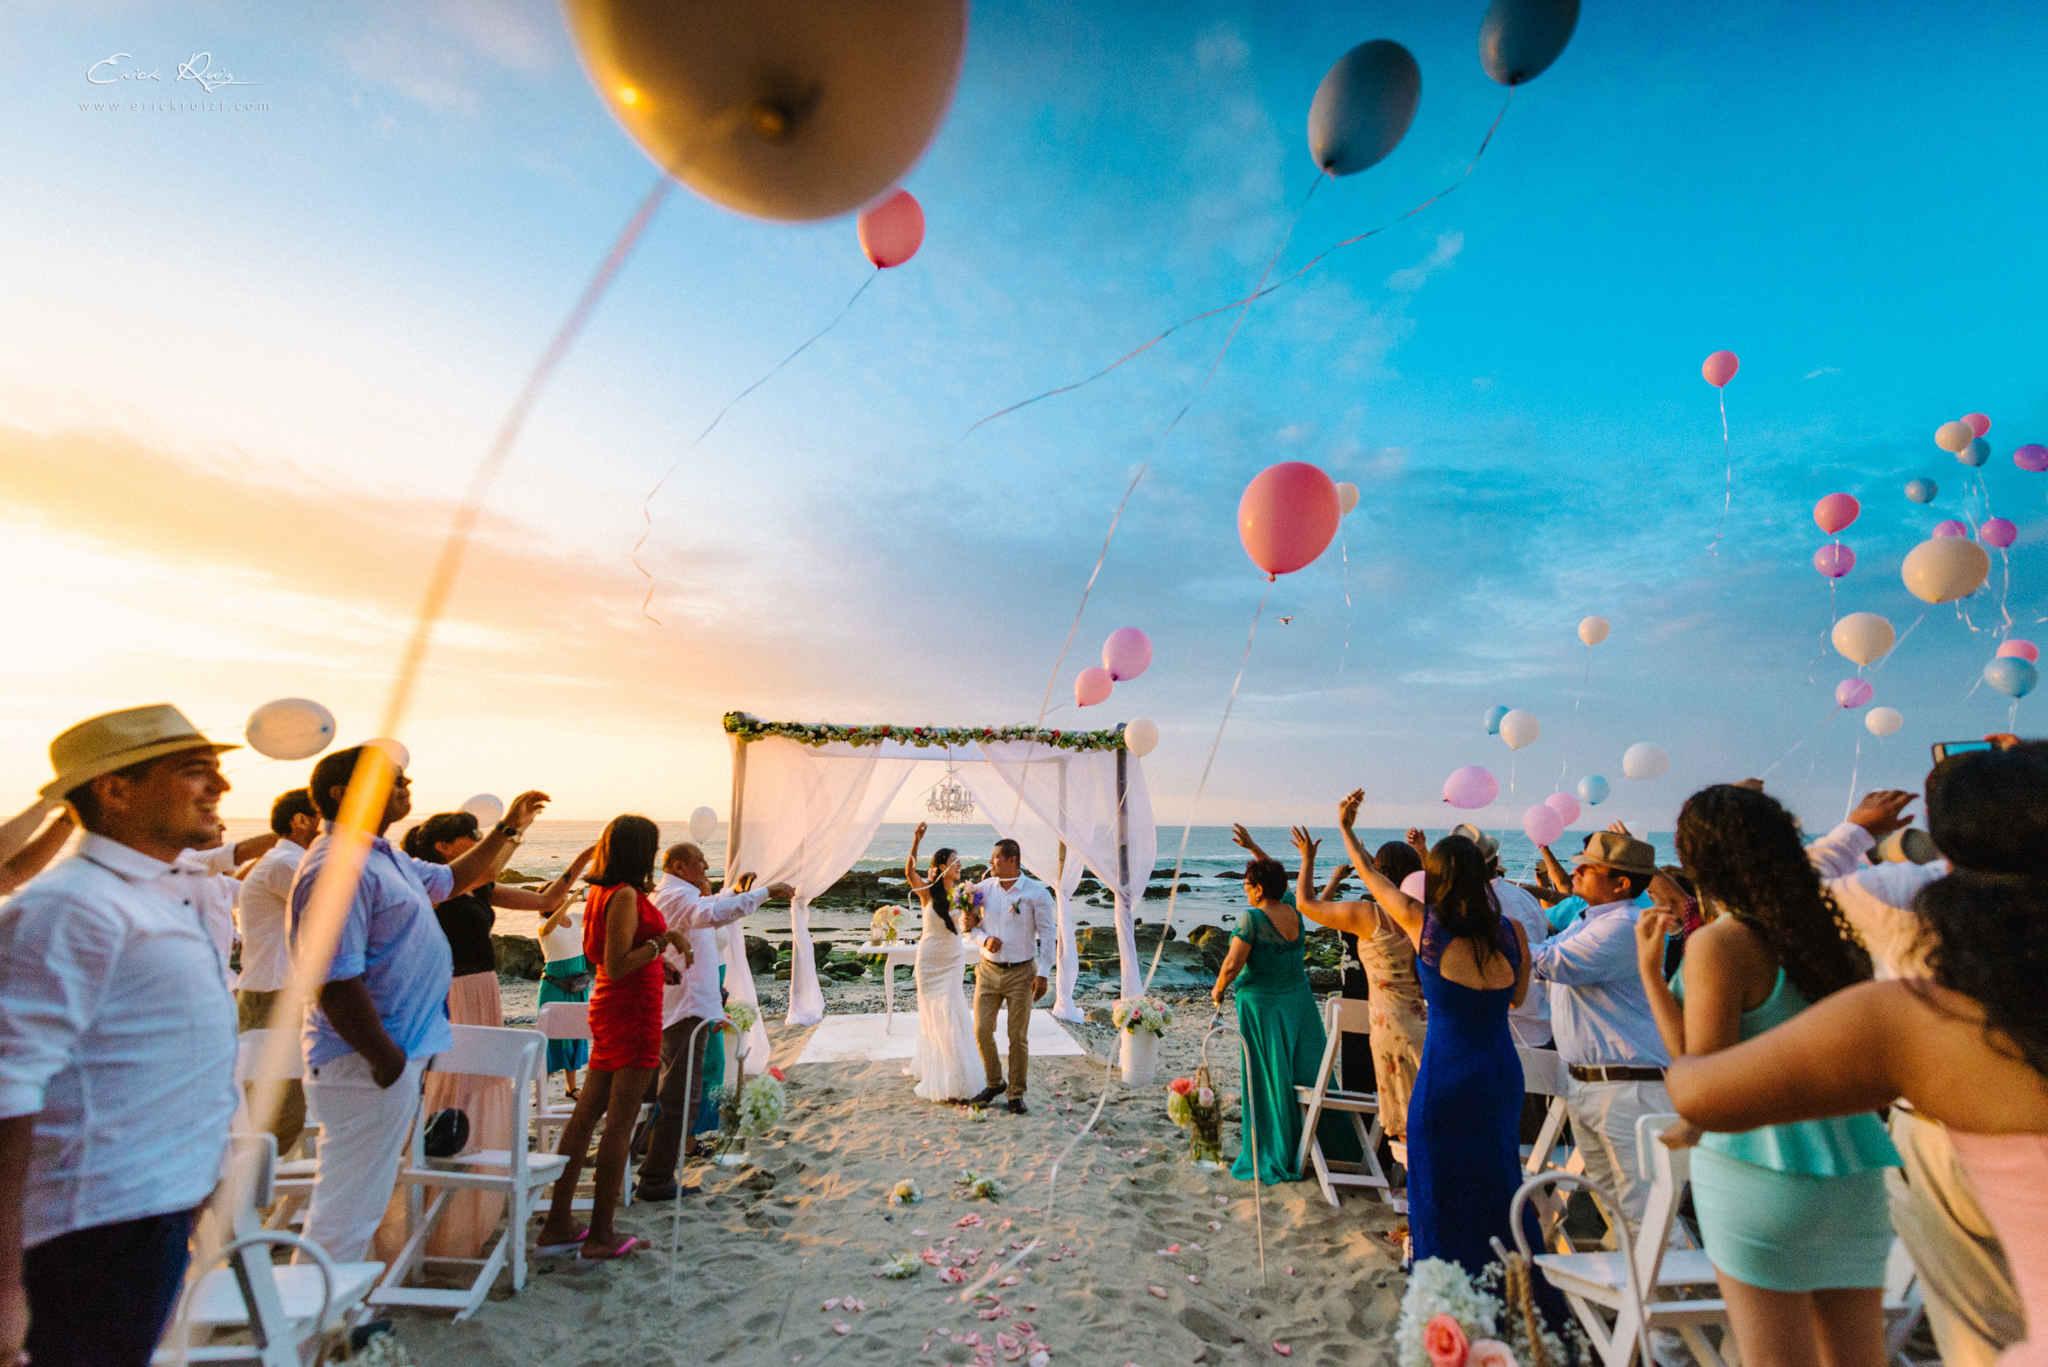 boda diana y luis, fotografia de boda en playa, bodas en playa, fotografo de boda en piura, fotografo en mancora, rocapulco, erick ruiz